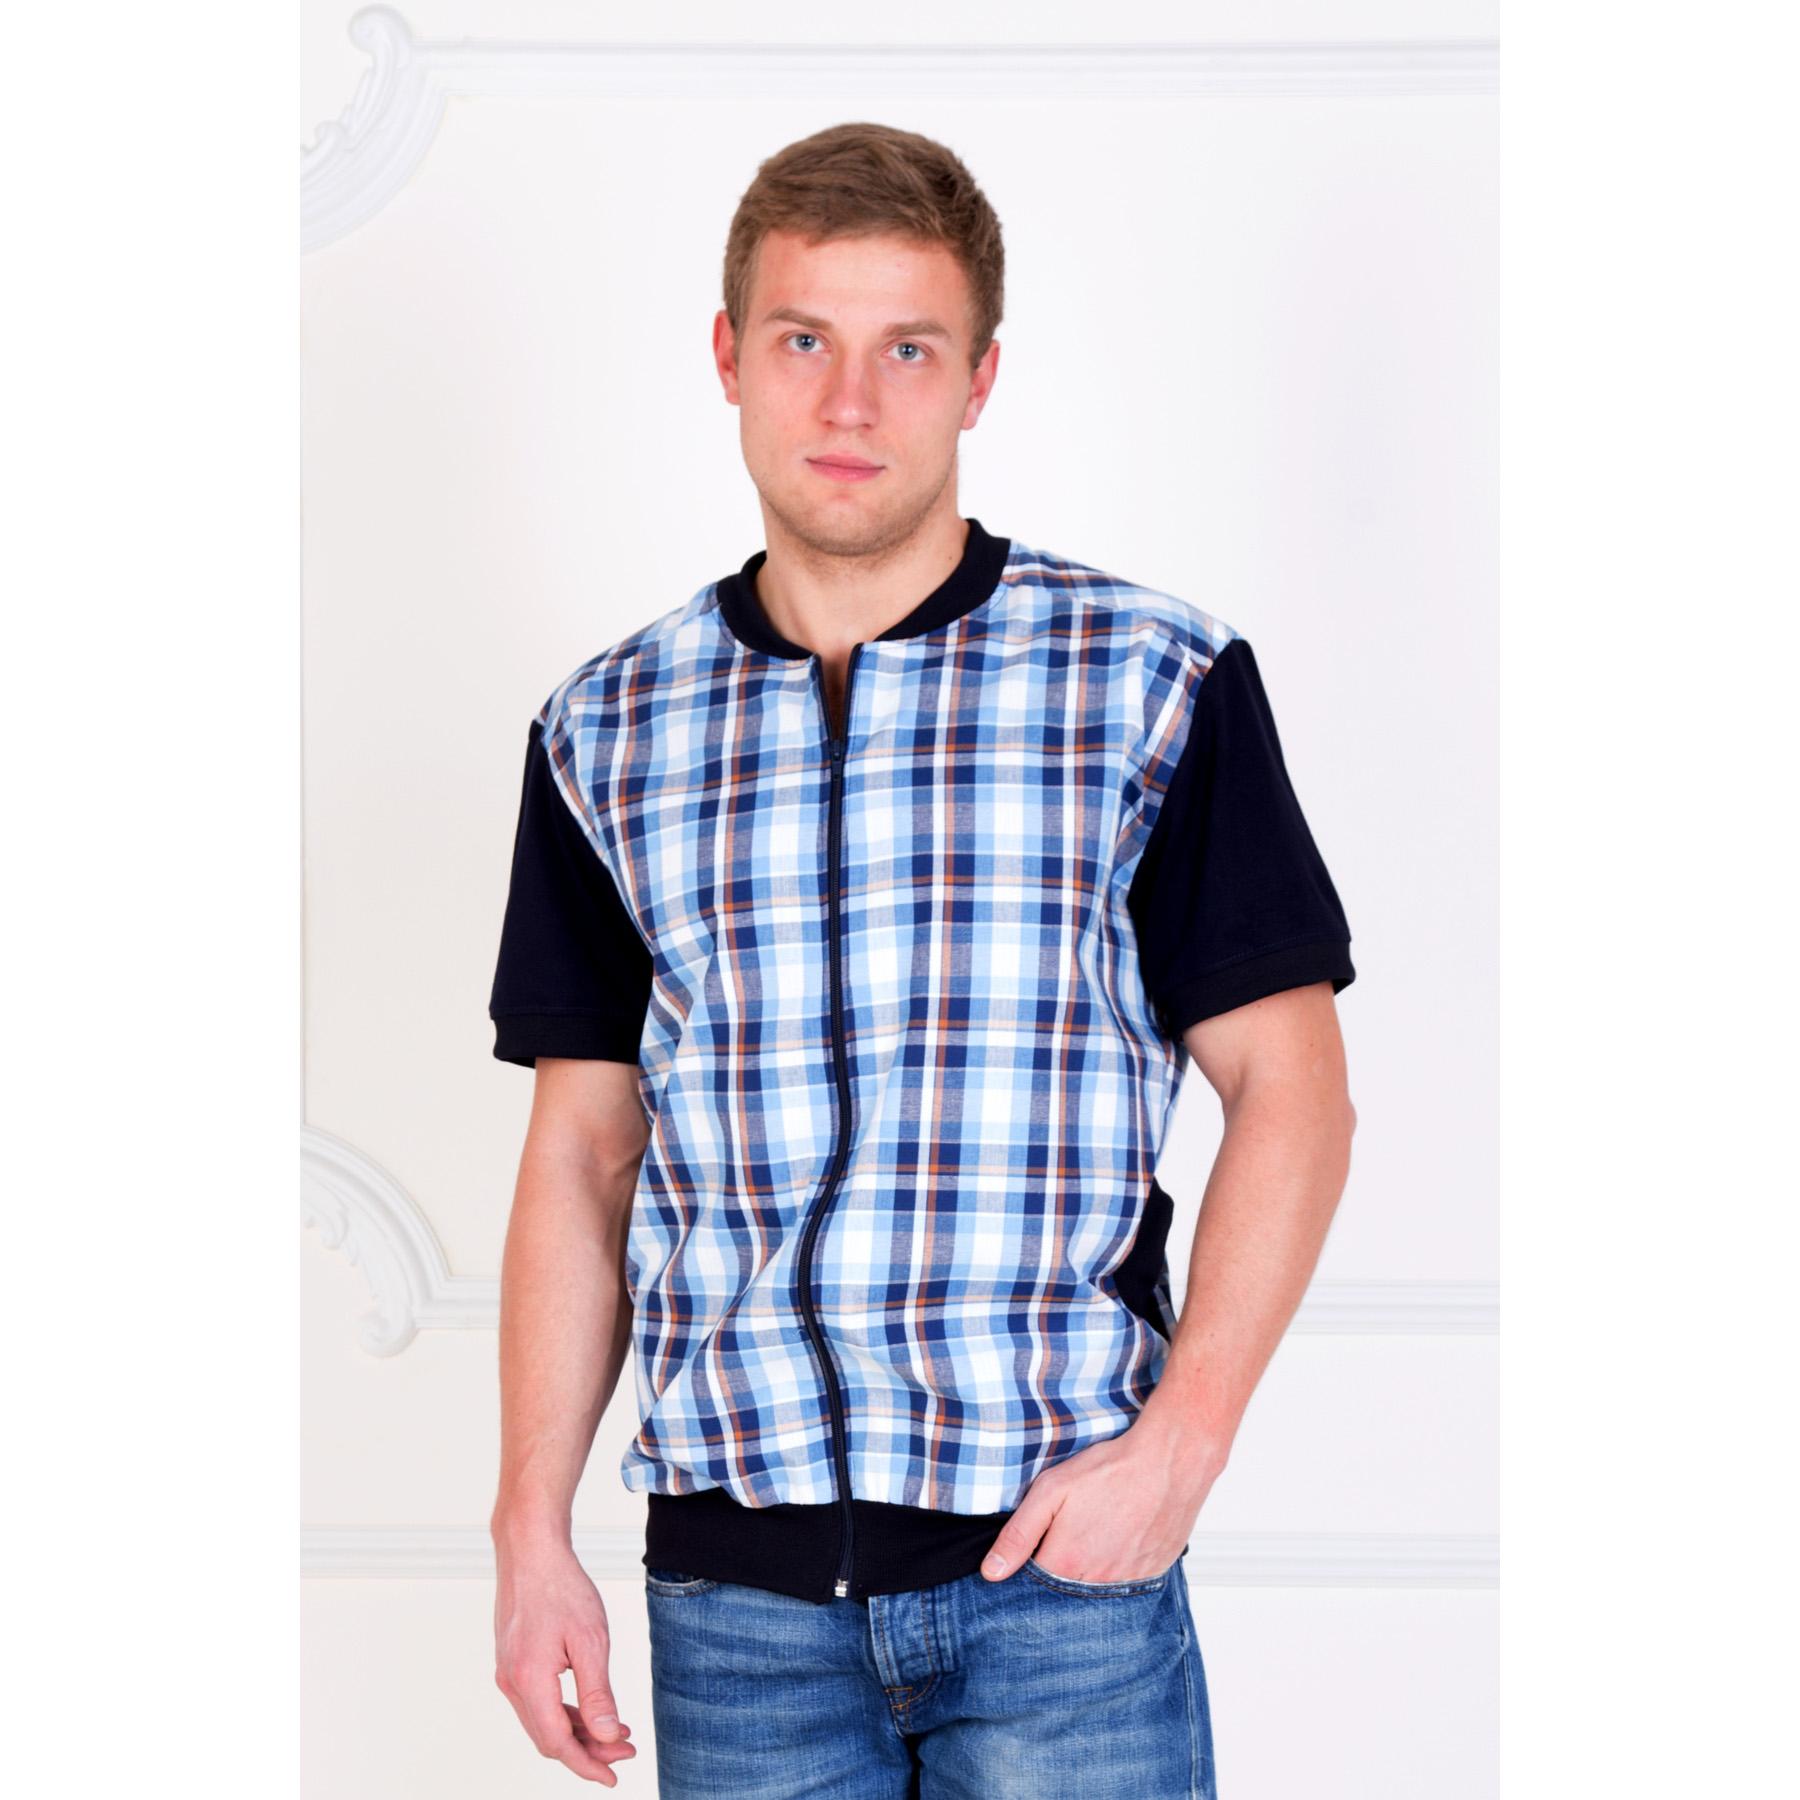 Мужская рубашка Аполлон арт. 0029, размер 42Рубашки<br>Обхват груди: 84 см <br>Обхват талии: 84 см <br>Обхват бедер: 88 см <br>Рост: 170-176 см<br><br>Тип: Муж. рубашка<br>Размер: 42<br>Материал: Шотландка